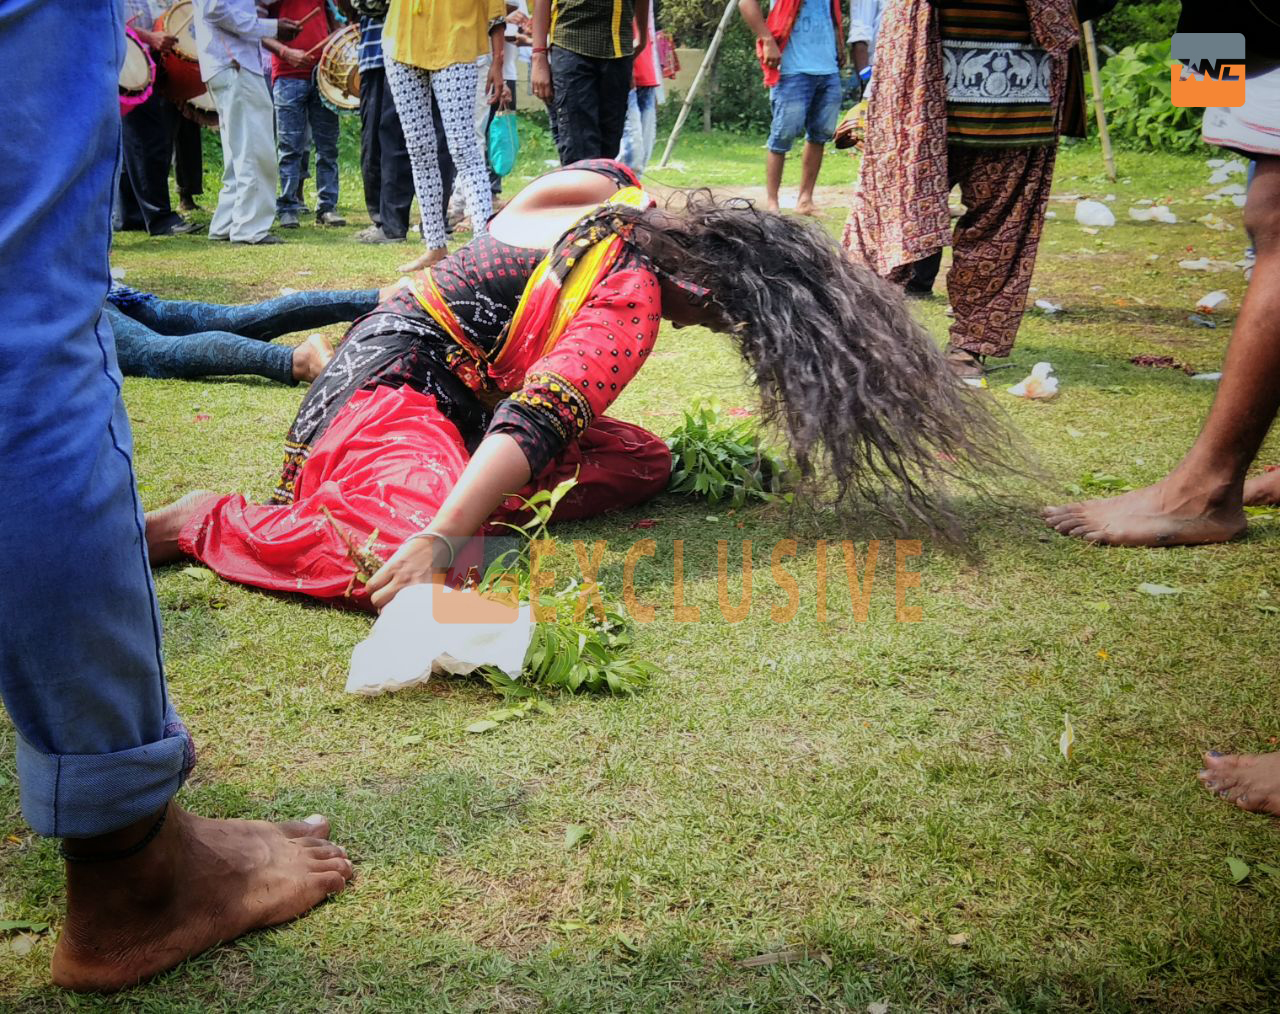 হুগলির ব্যান্ডেলে পালিত হল বাংলার প্রাচীন উৎসব